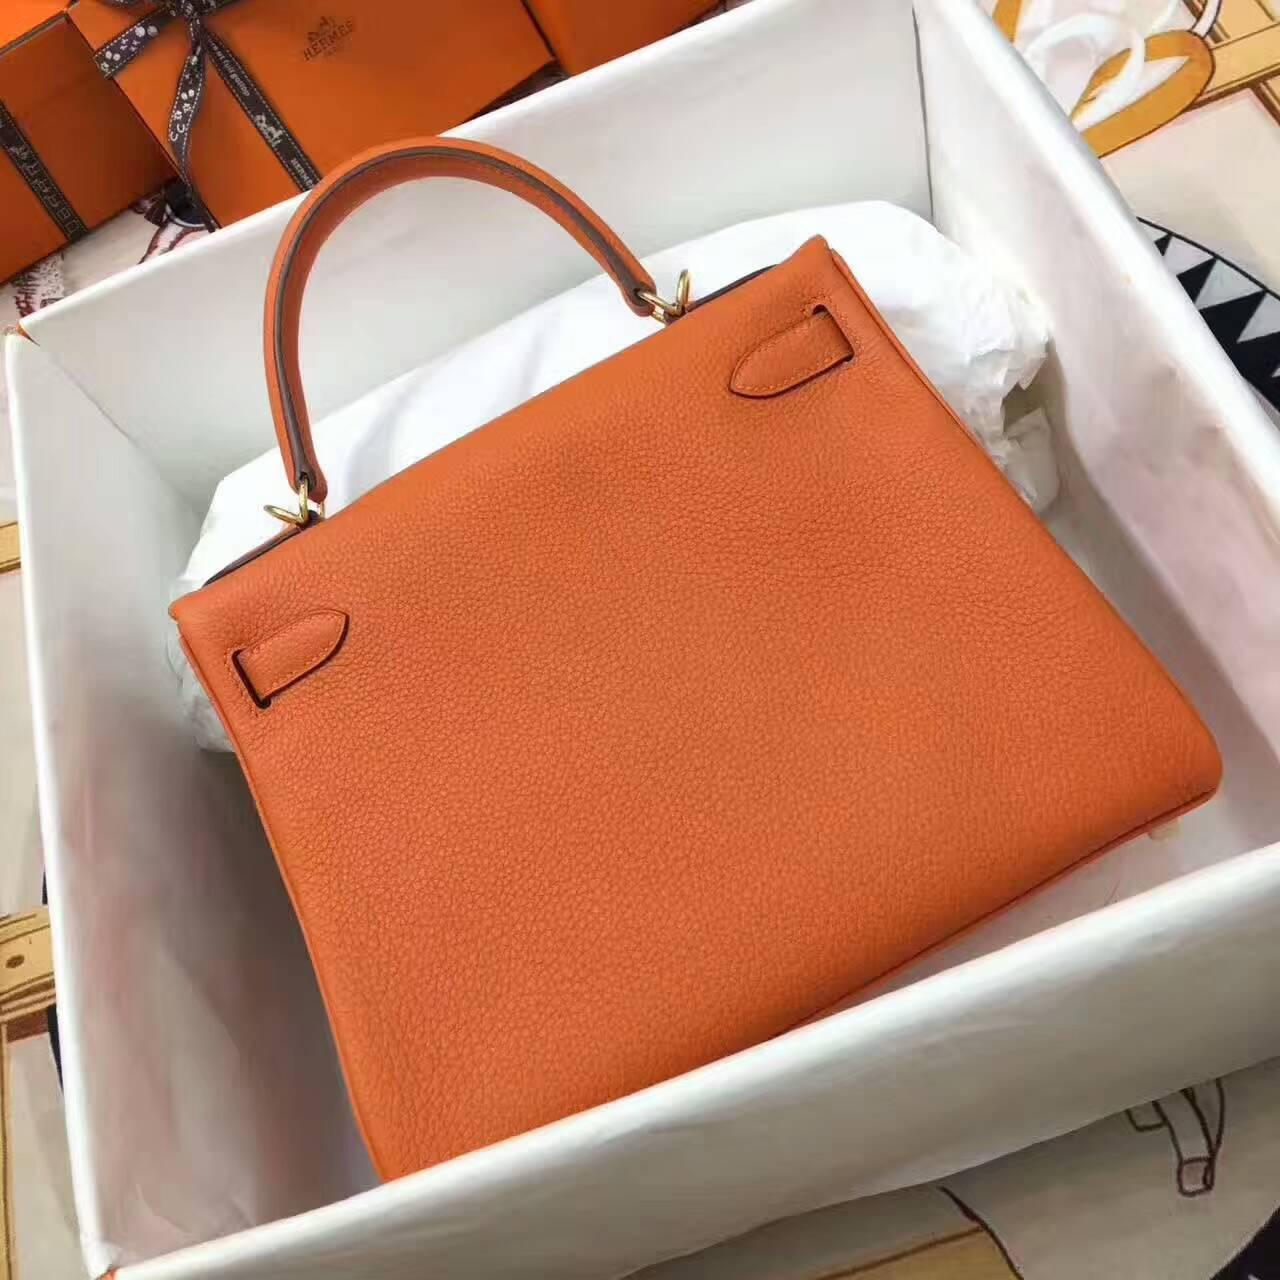 爱马仕包包 全球同步发售 Kelly 28cm Togo 法国原产小牛皮 93 Orange 橙色 金扣